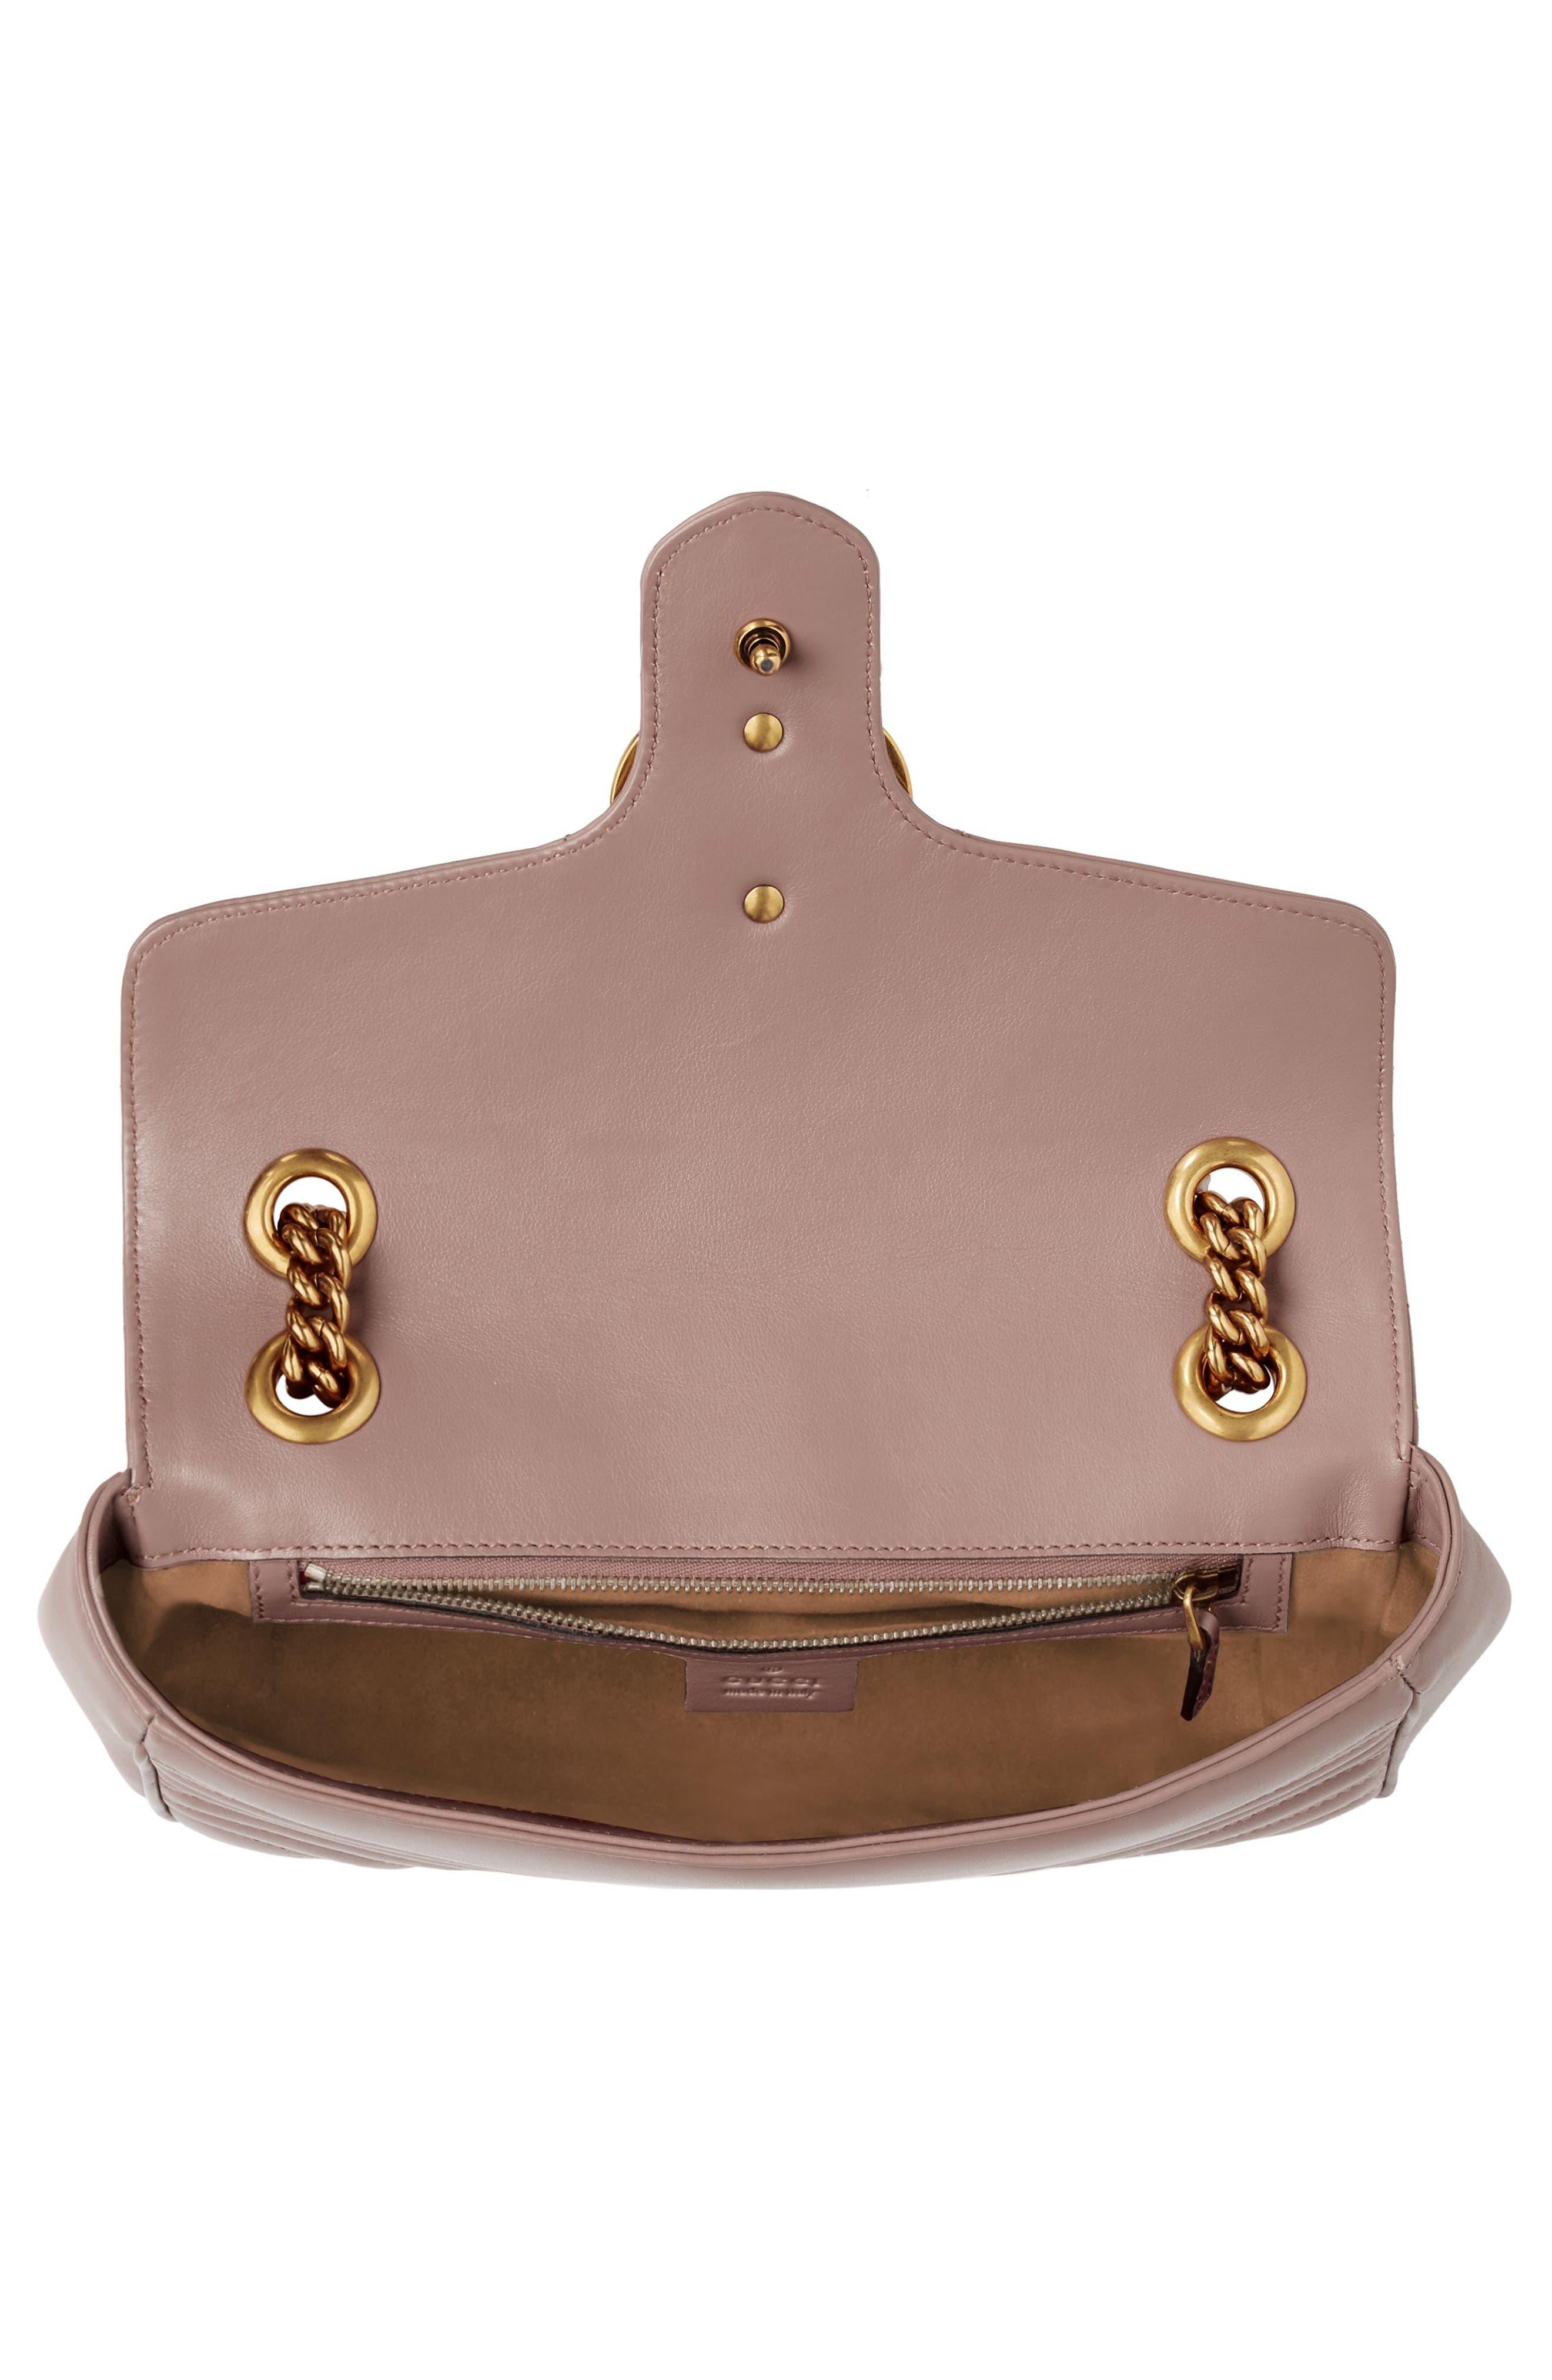 GUCCI, Small GG Marmont 2.0 Matelassé Leather Shoulder Bag, Alternate thumbnail 3, color, PORCELAIN ROSE/ PORCELAIN ROSE